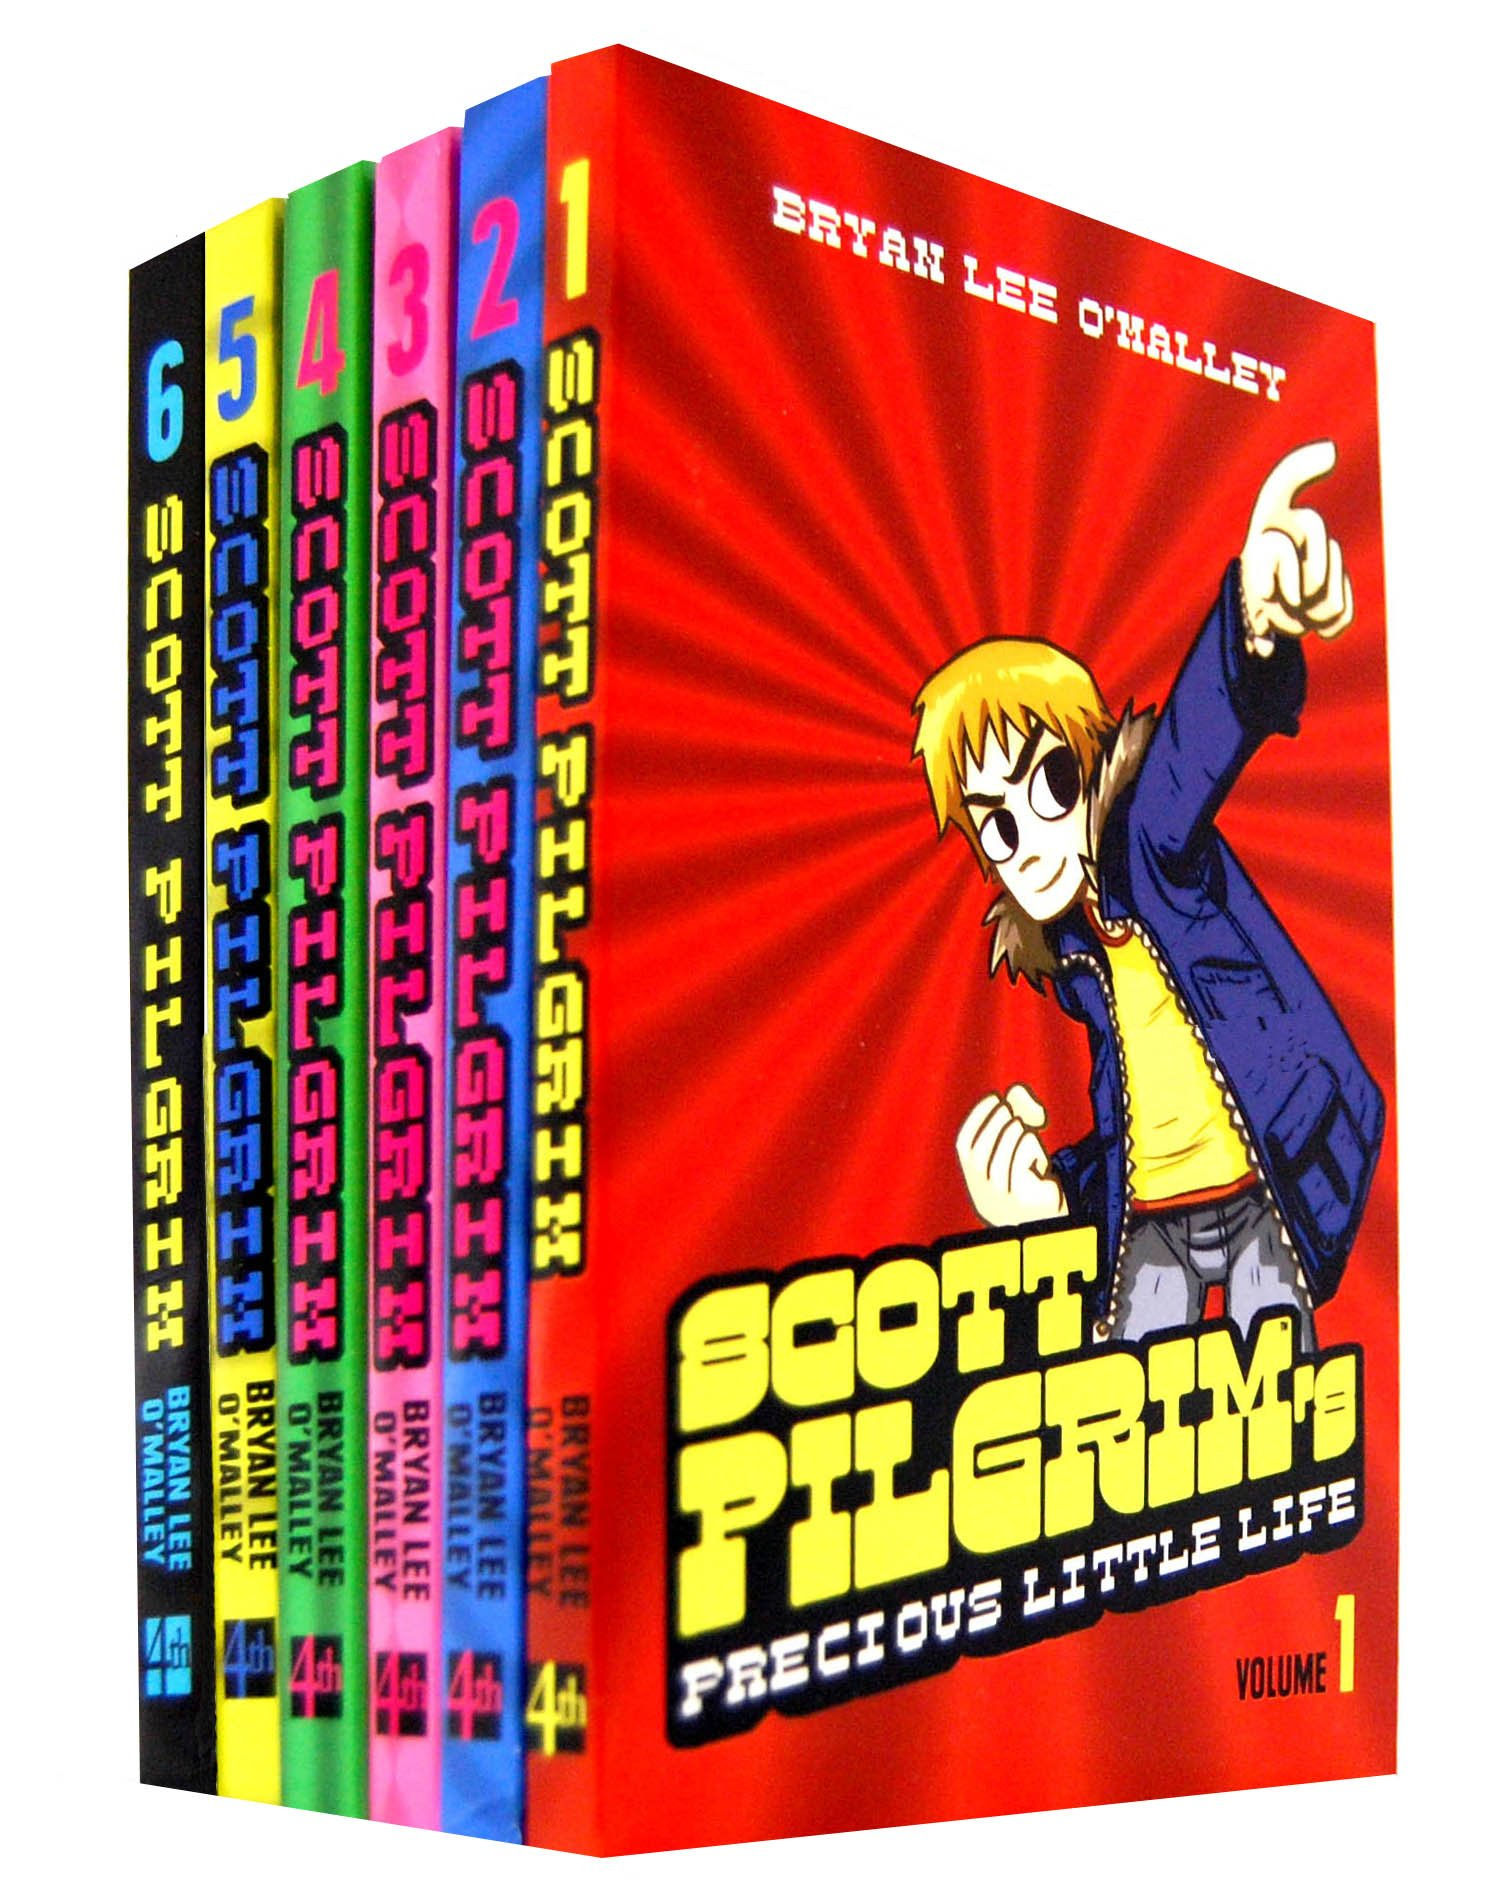 Scott pilgrim 6 books collection set (scott pilgrim's precious.